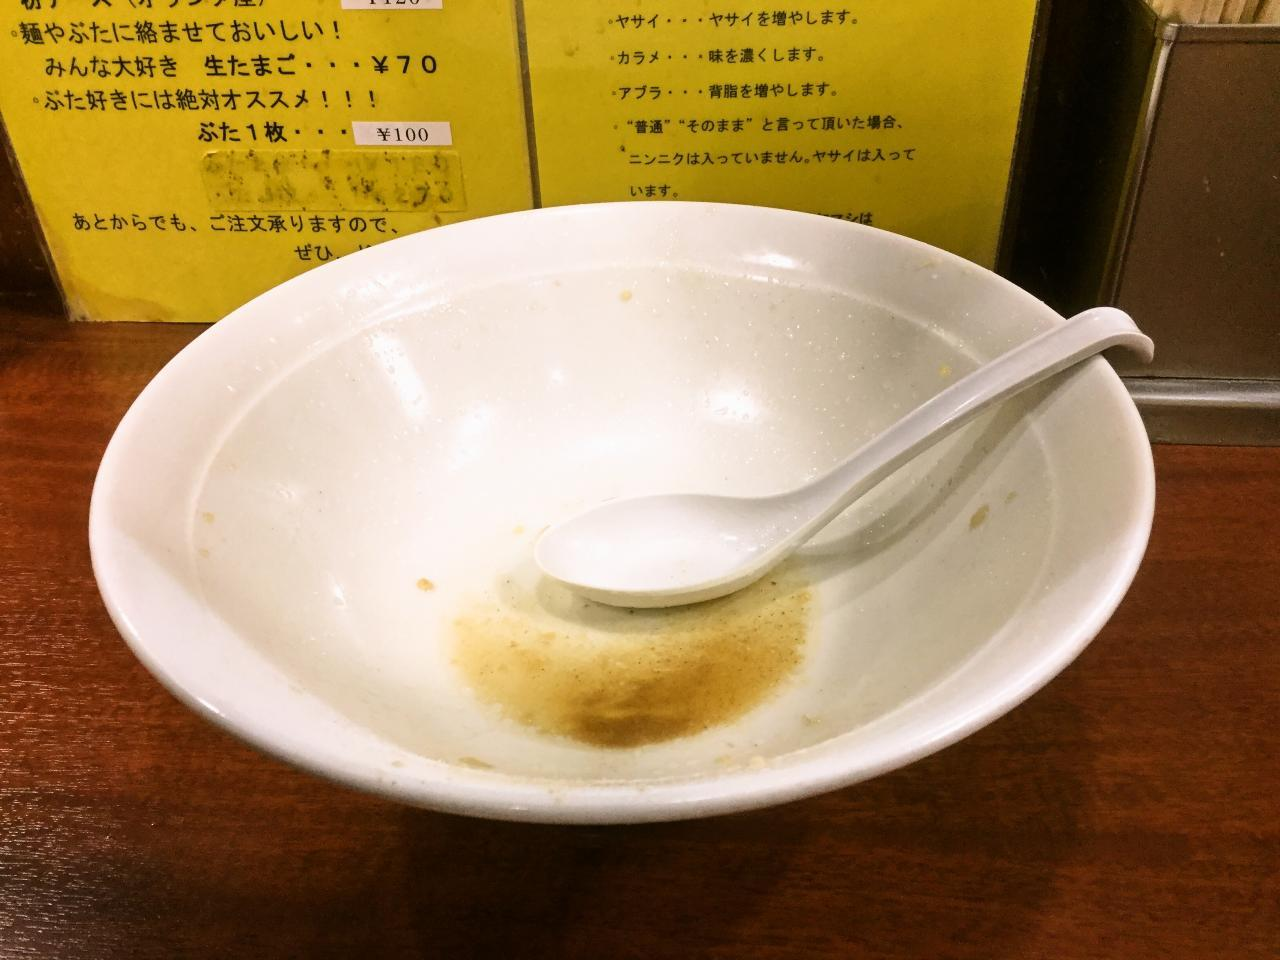 ラーメン豚んち(ラーメン)